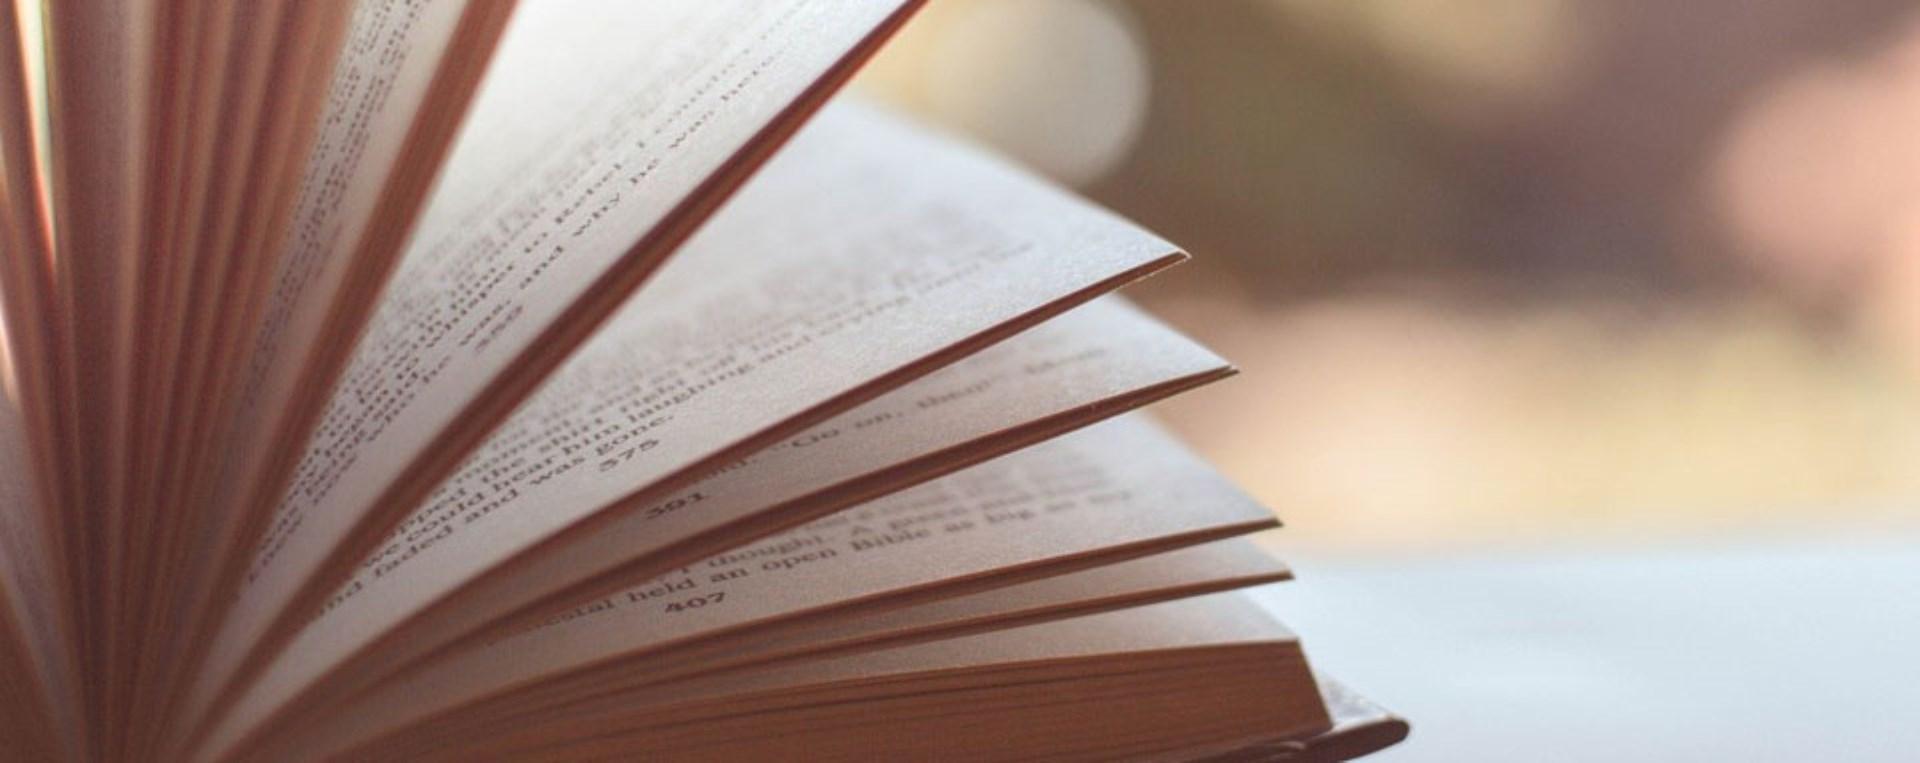 DİLEK MAYATÜRK-YÜCEL İLE KİTAP TANITIMI VE OKUMA AKŞAMI